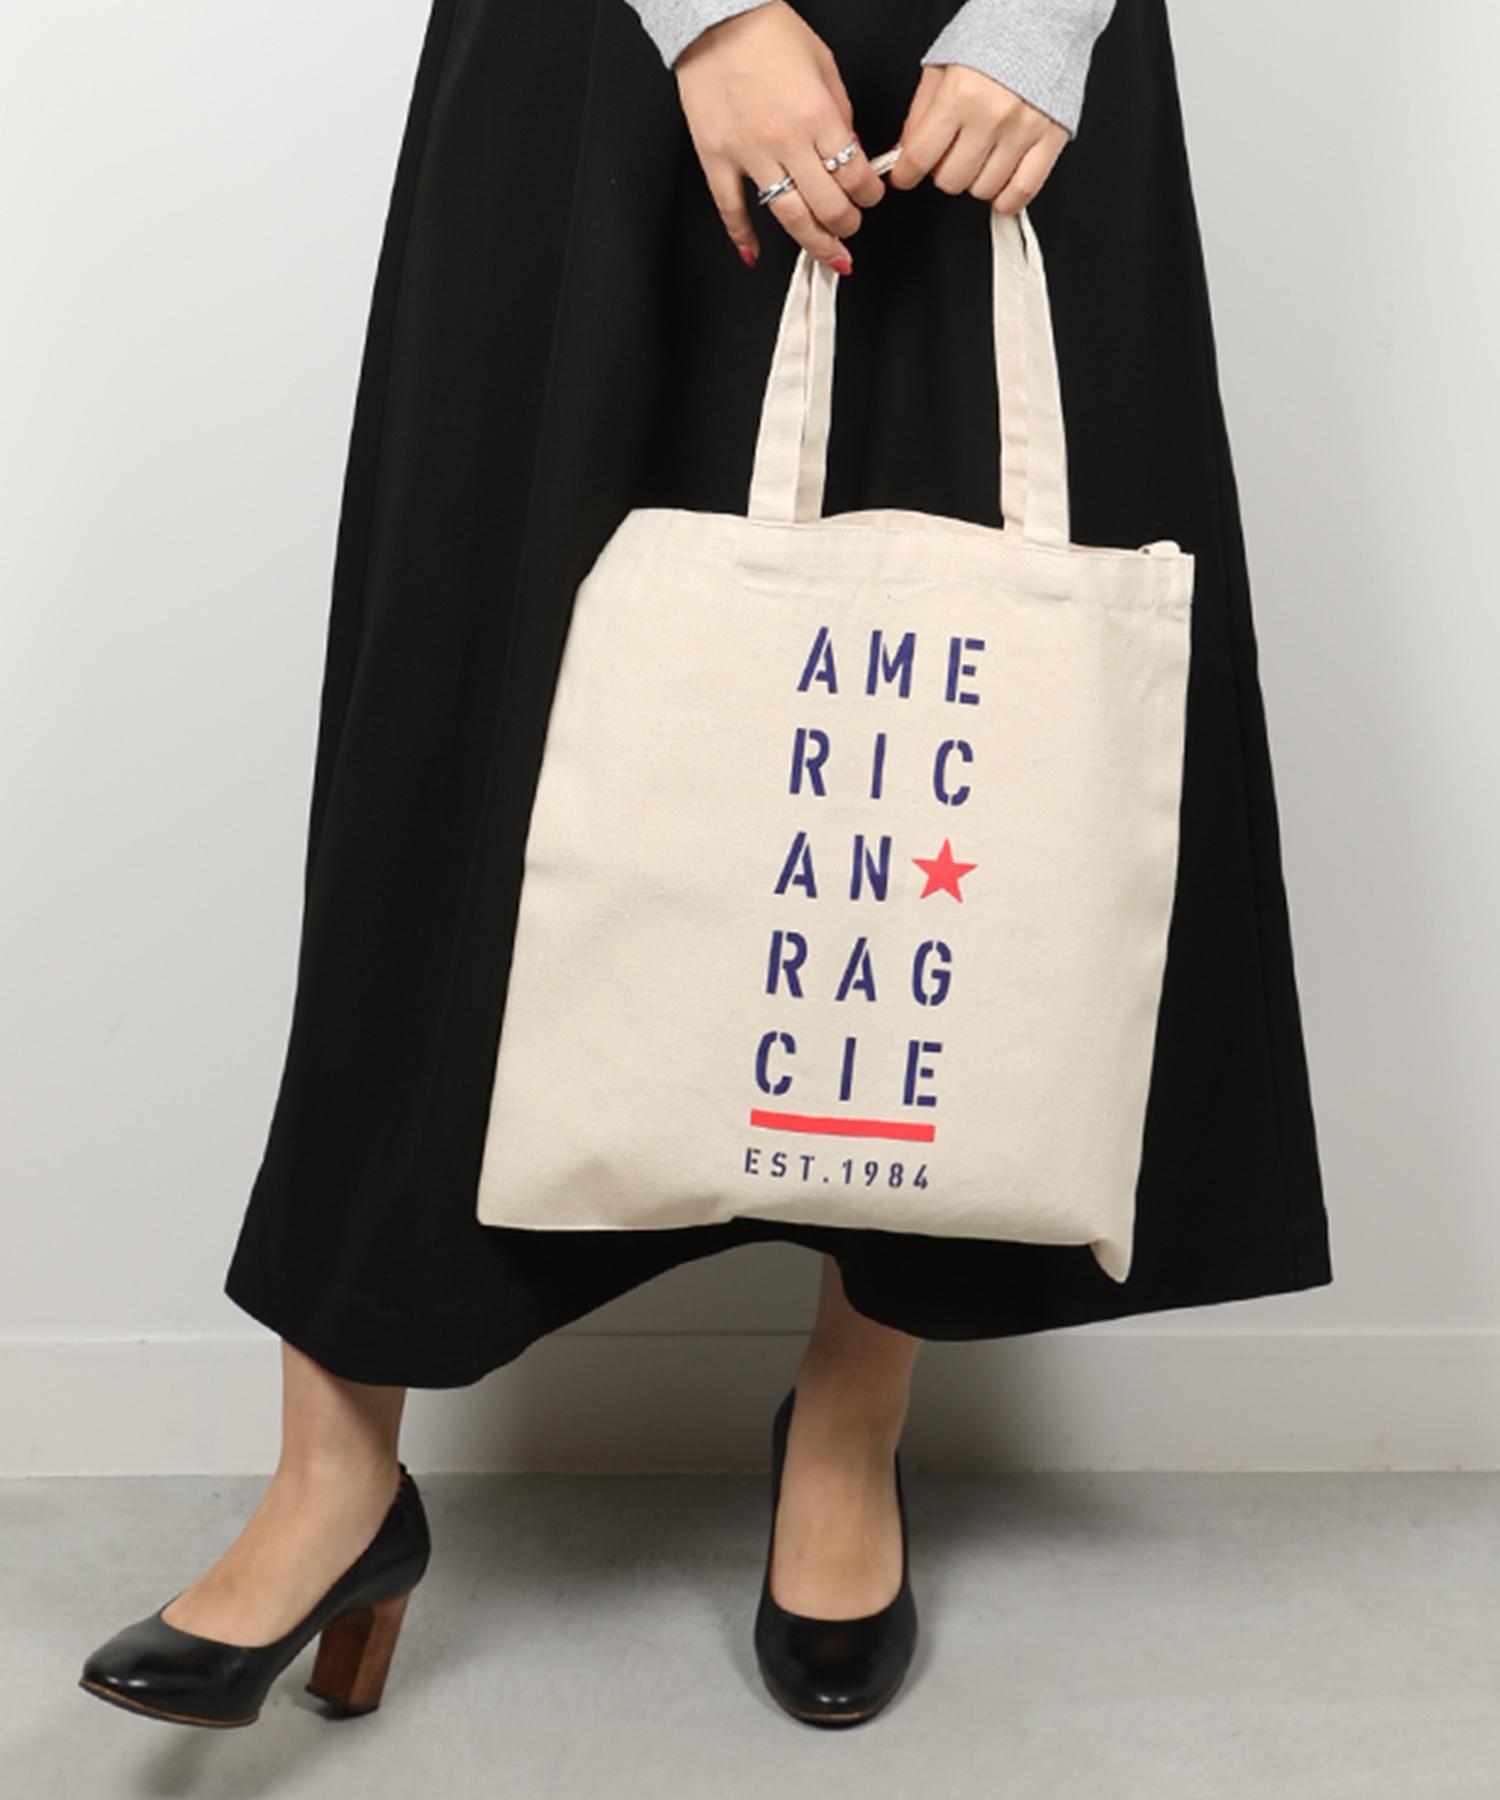 AMERICAN RAG CIE ARC Stencil Logo Print Cotton Canvas 2way Totebag/アメリカンラグシー ARCステンシルロゴプリント2WAYコットンキャンバストート